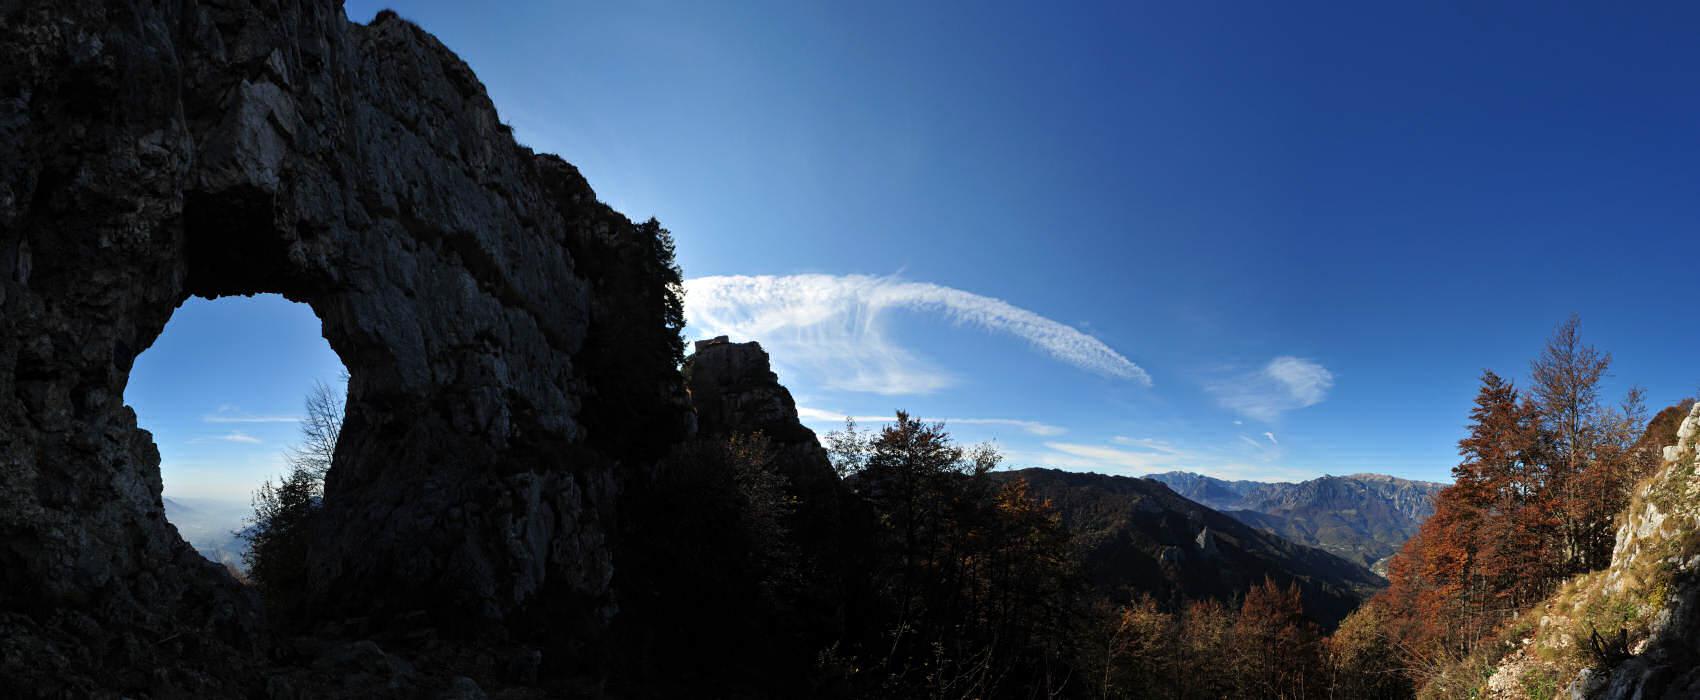 Schio/Posina : monte Novegno-Priaforà-Rione, Pasubio, Alto ...